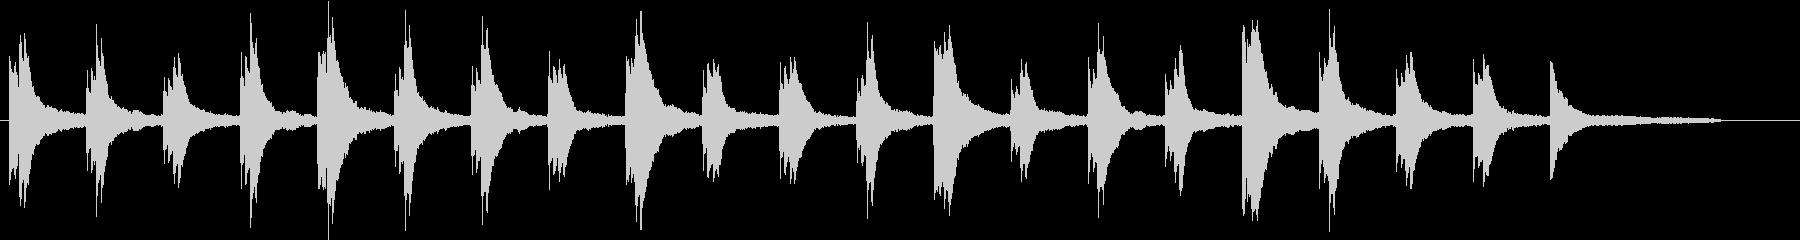 春のイメージのピアノ02の未再生の波形